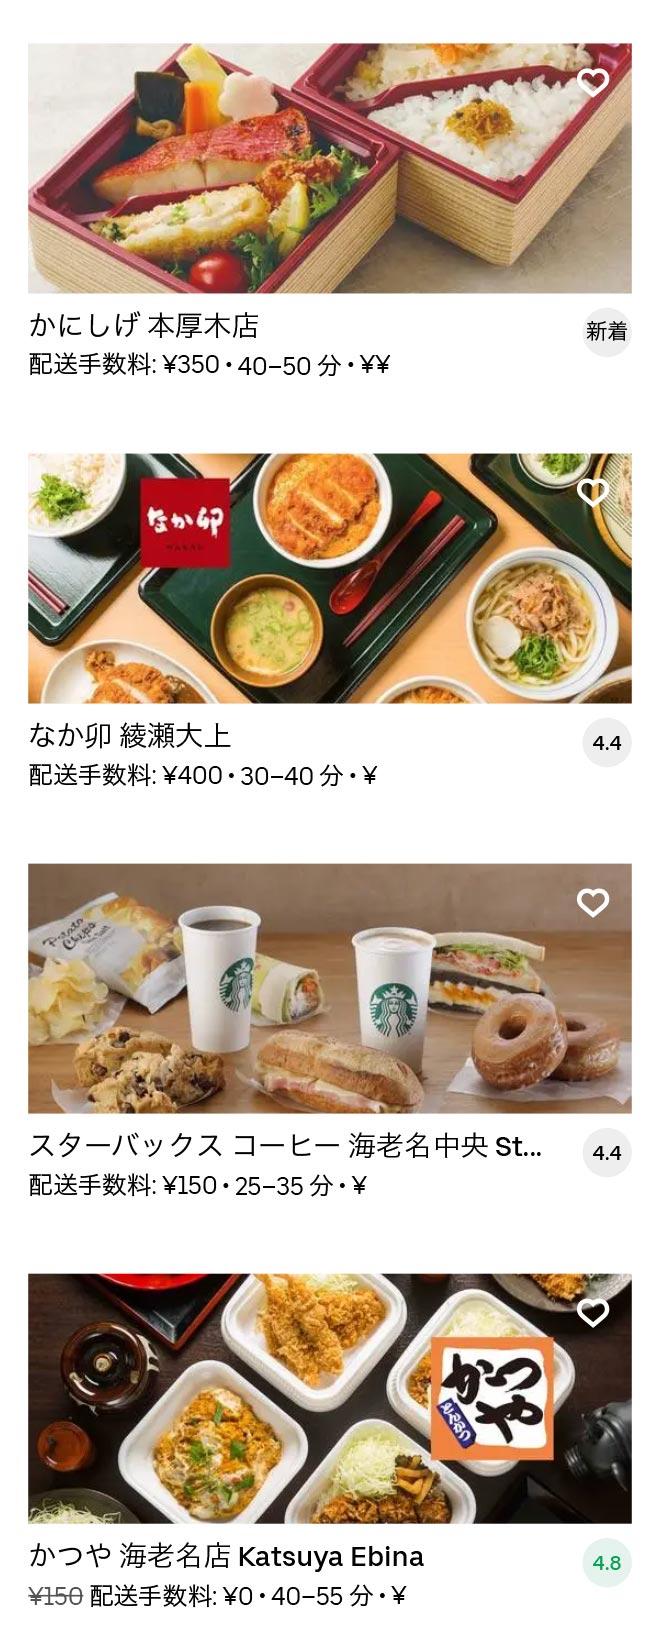 Ebina menu 2010 11